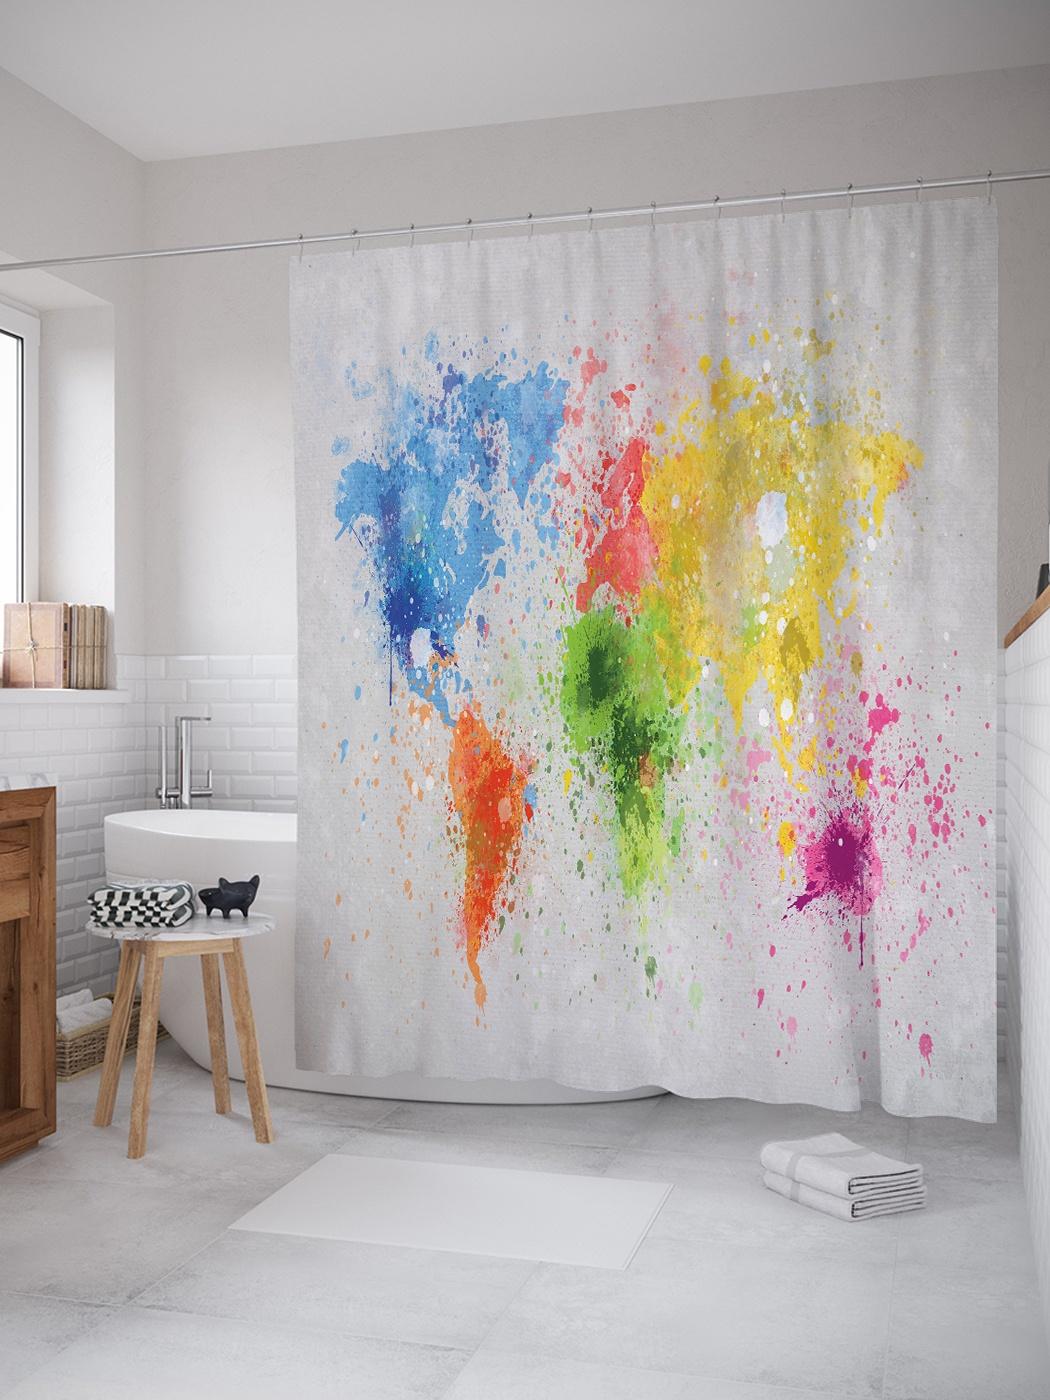 Штора (занавеска) для ванной «Всемирные краски» из ткани, 180х200 см с крючками